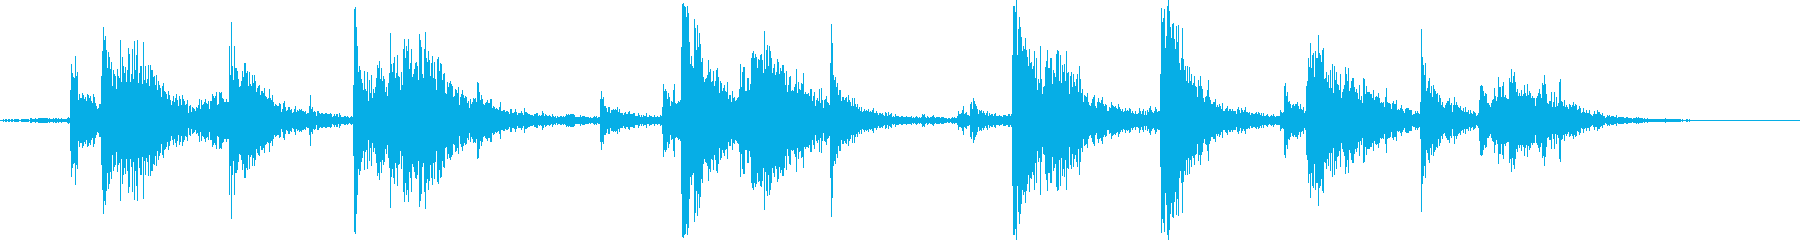 カチャカチャ..。トイレットペーパーの音の再生済みの波形